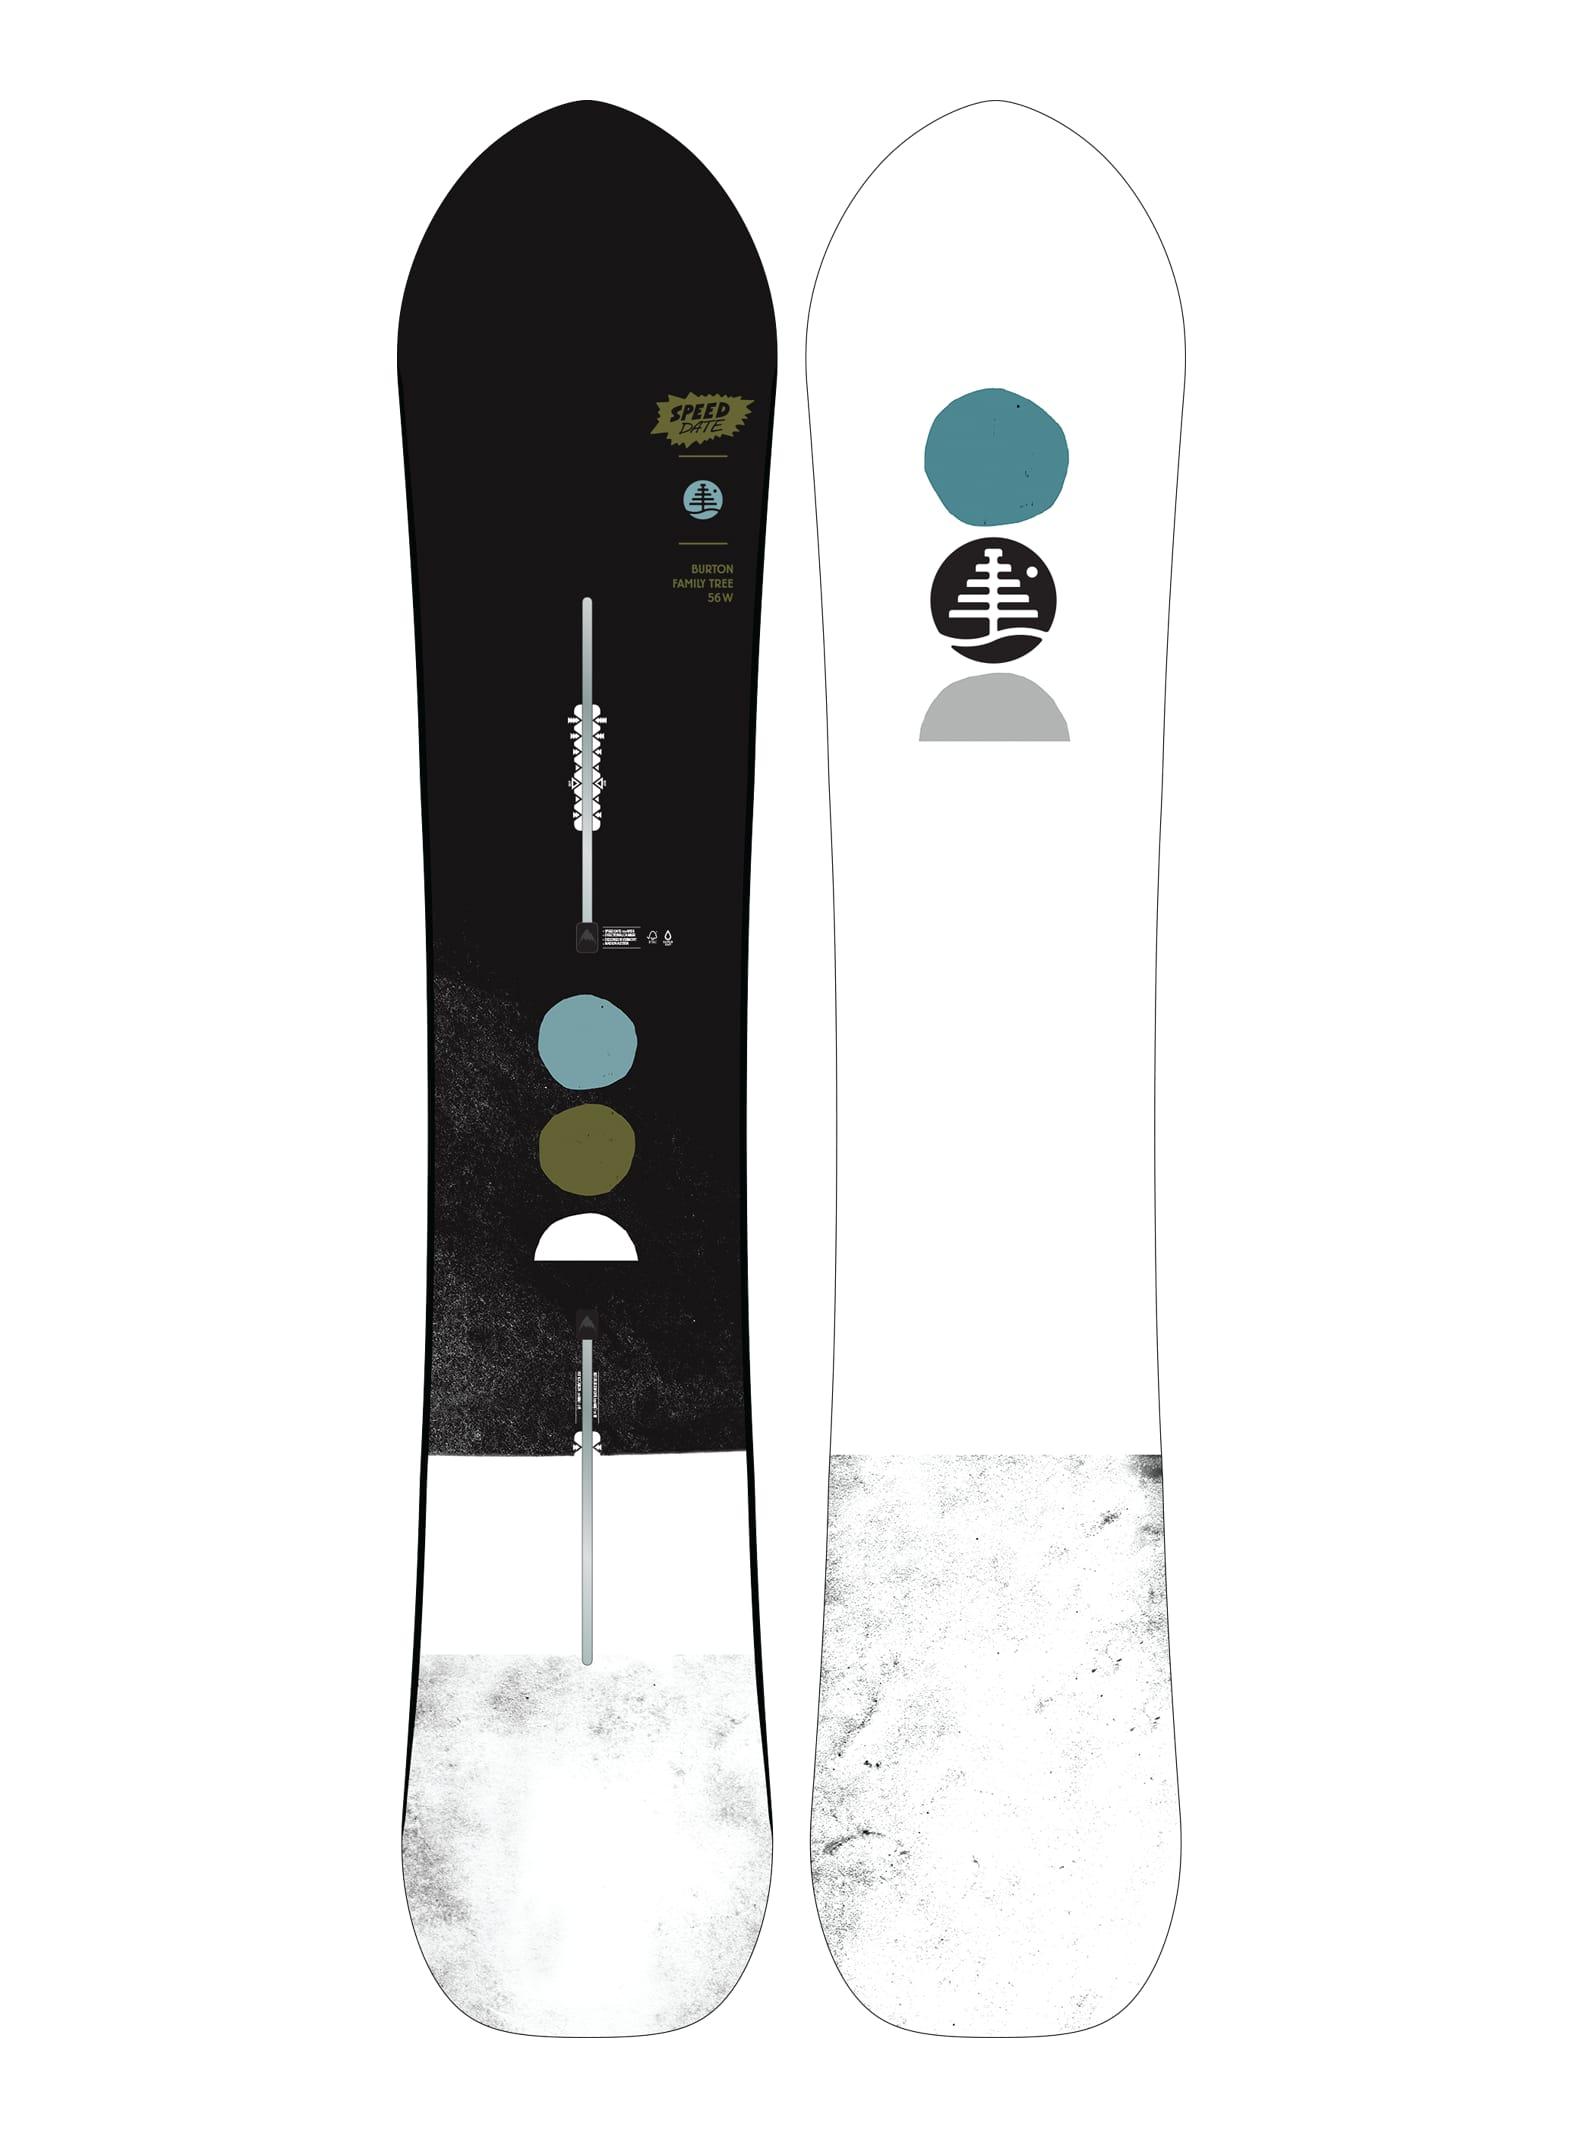 Größe 150 günstig kaufen Skisport & Snowboarding Burton Free Thinker Park-Snowboard für Herren